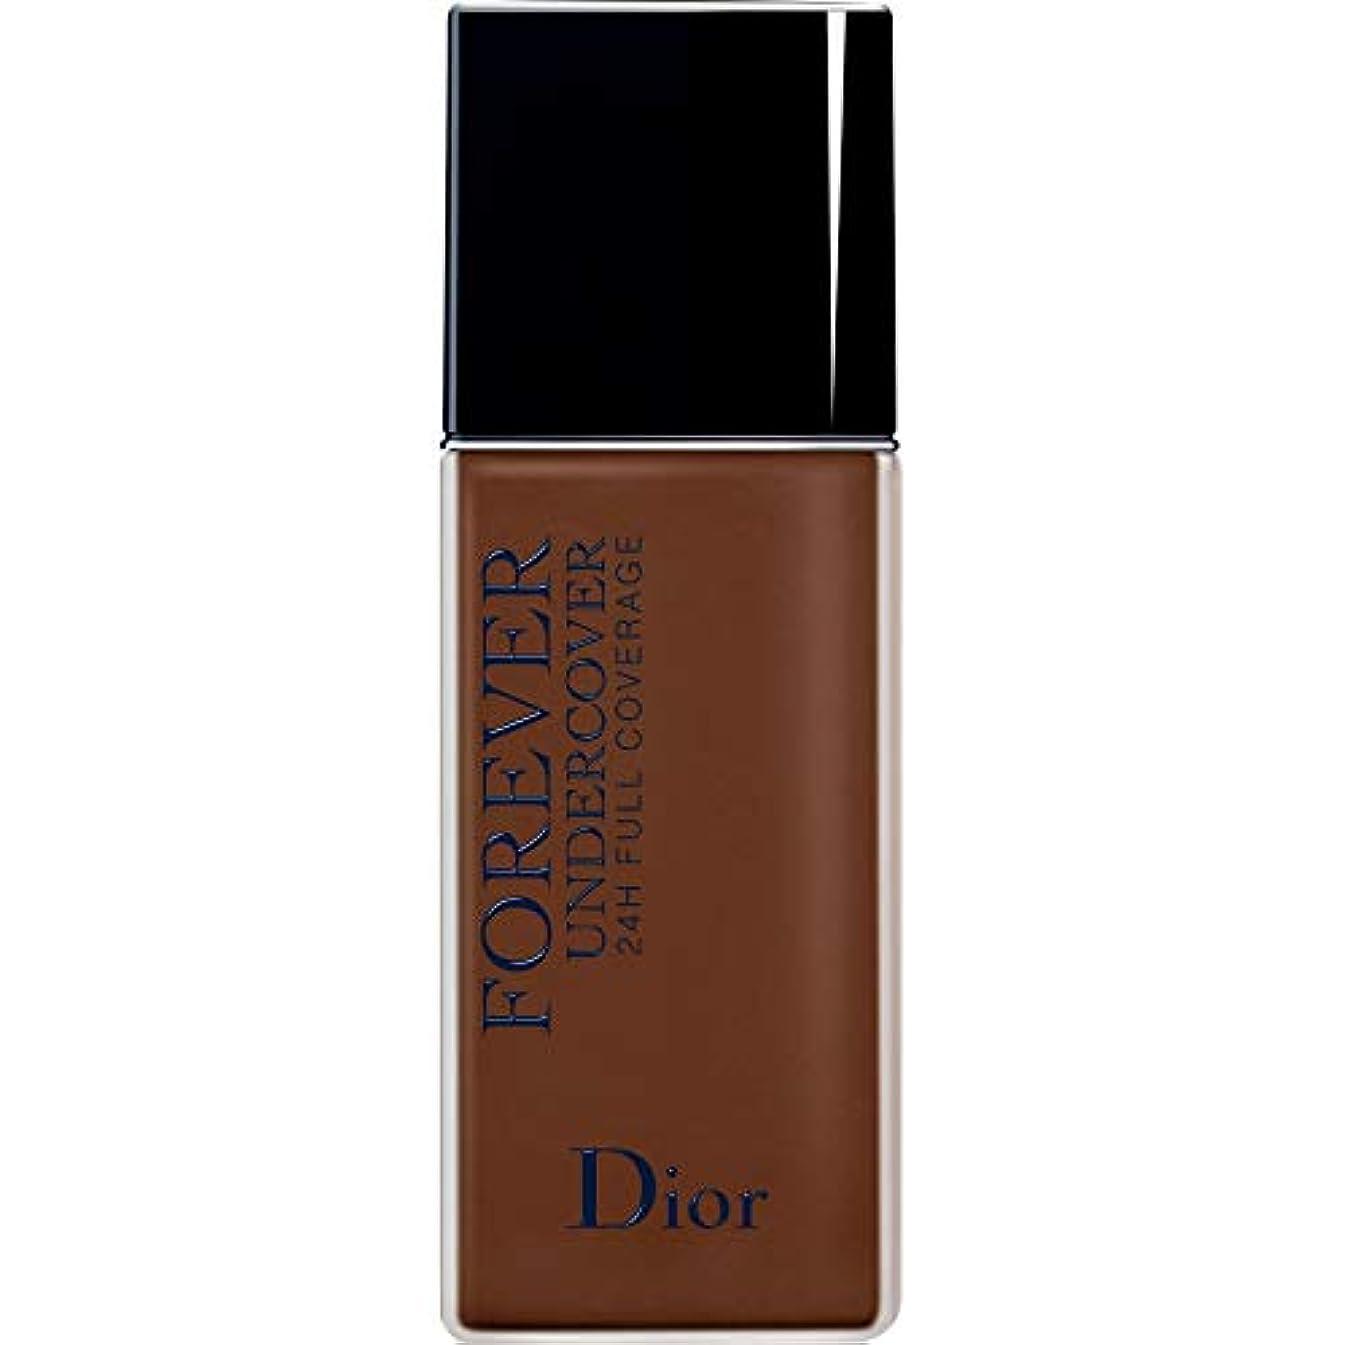 宴会合併症見習い[Dior ] ディオールディオールスキン永遠アンダーカバーフルカバーの基礎40ミリリットル080 - 黒檀 - DIOR Diorskin Forever Undercover Full Coverage Foundation...